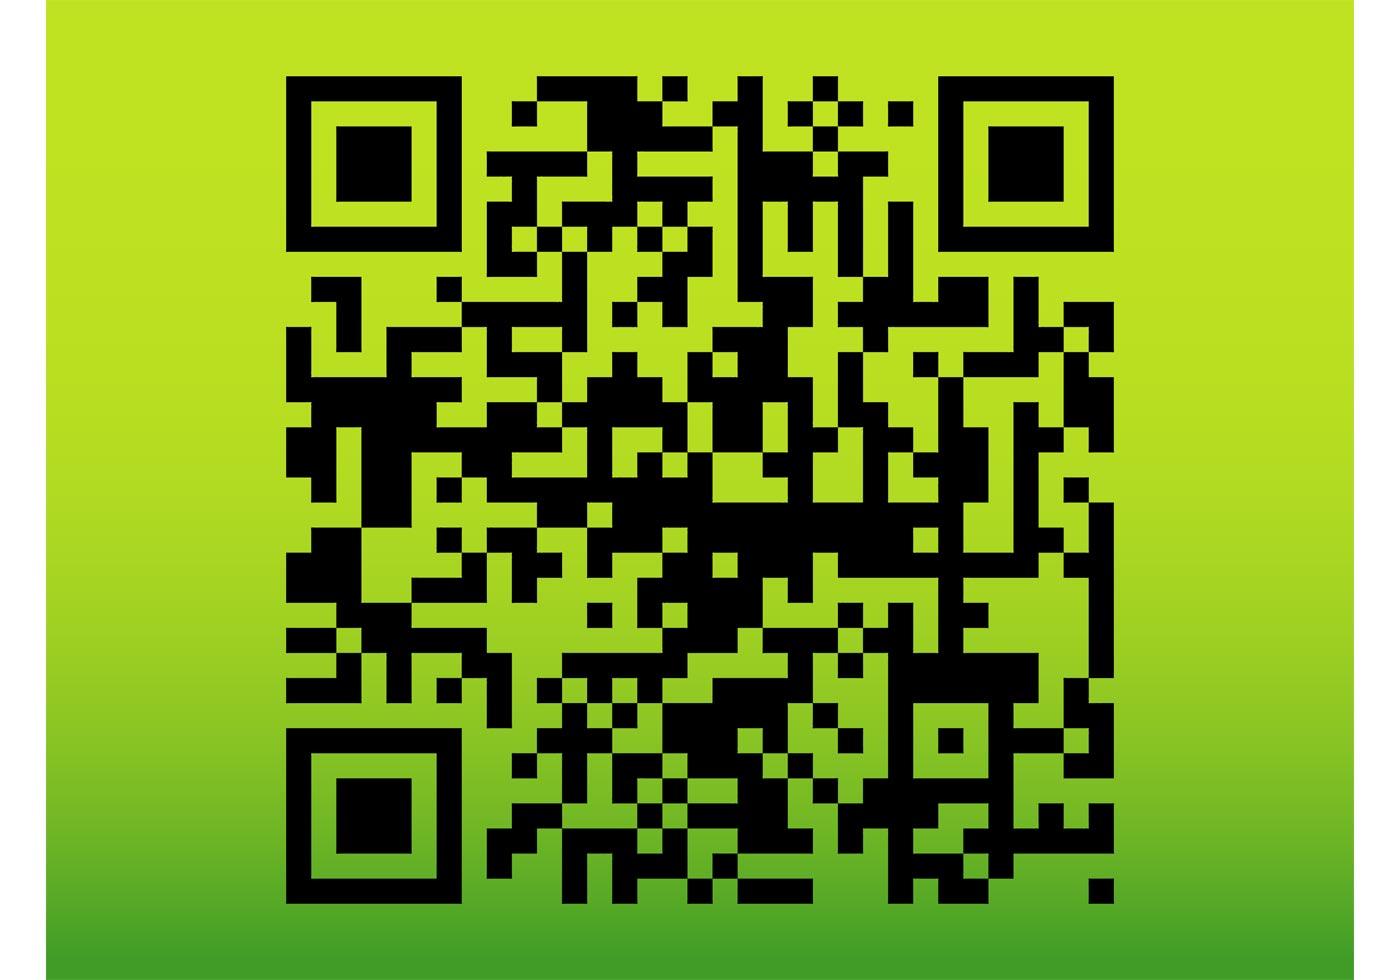 QR Code Vector - Download Free Vector Art, Stock Graphics ...